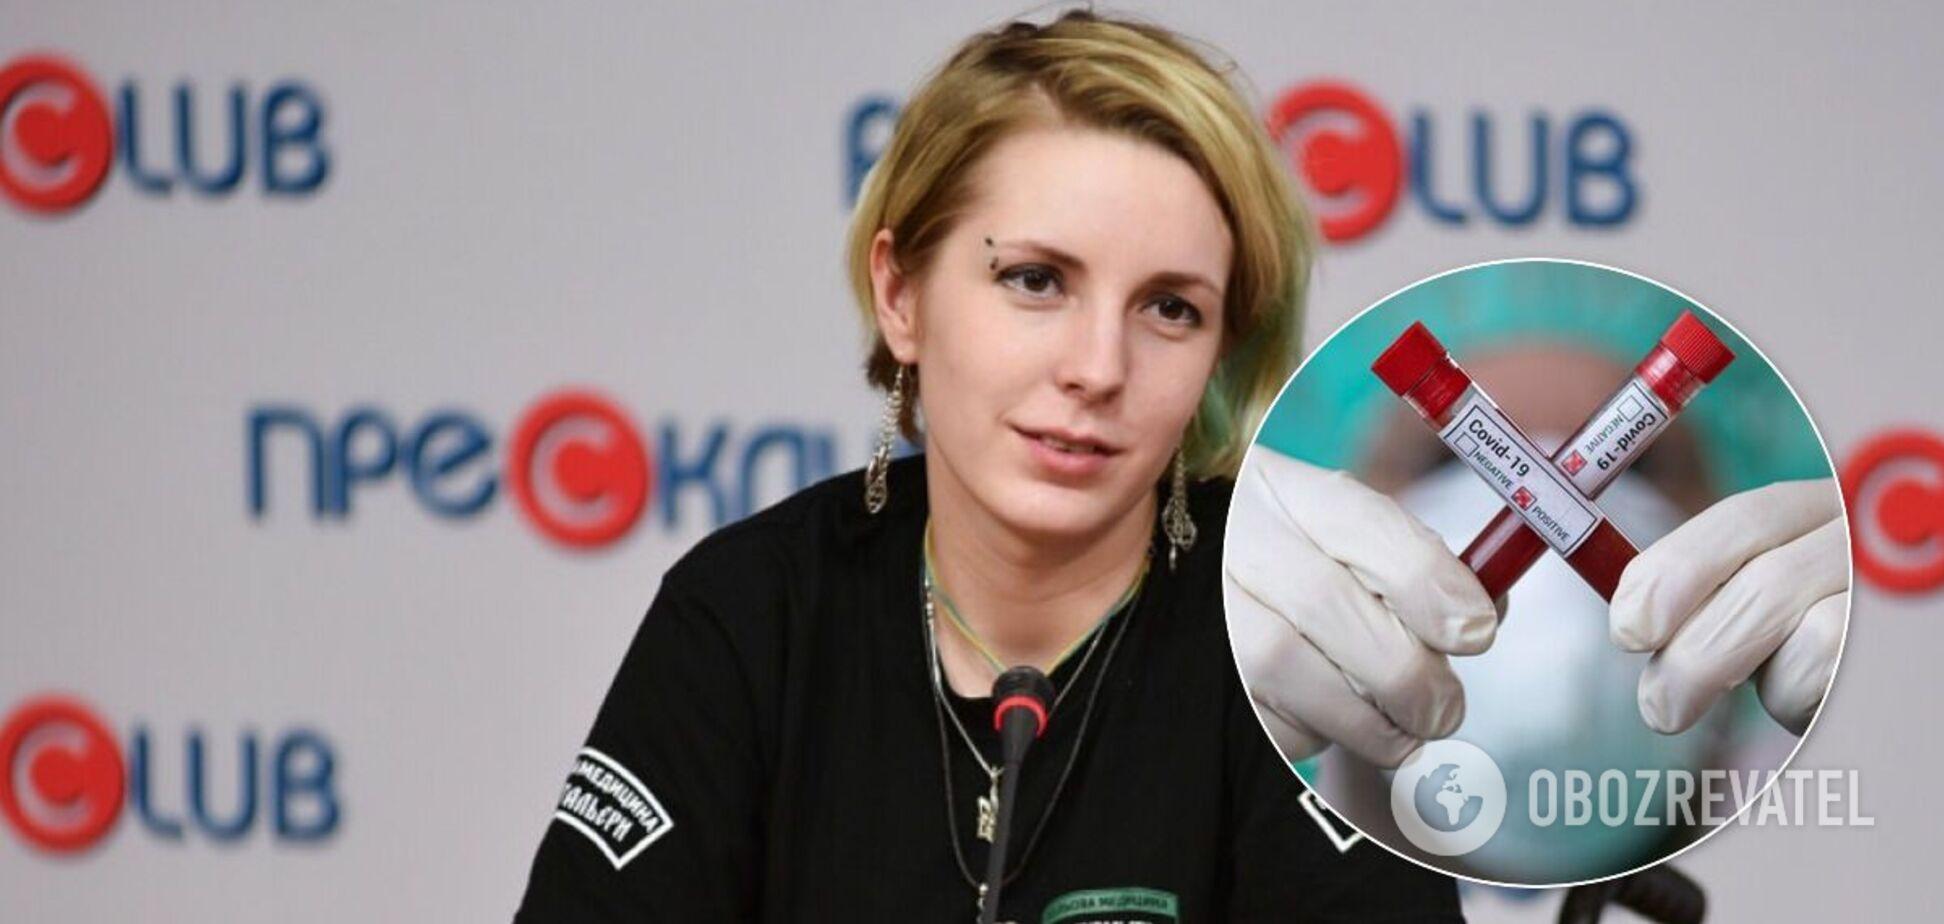 Яна Зінкевич захворіла на коронавірус двічі